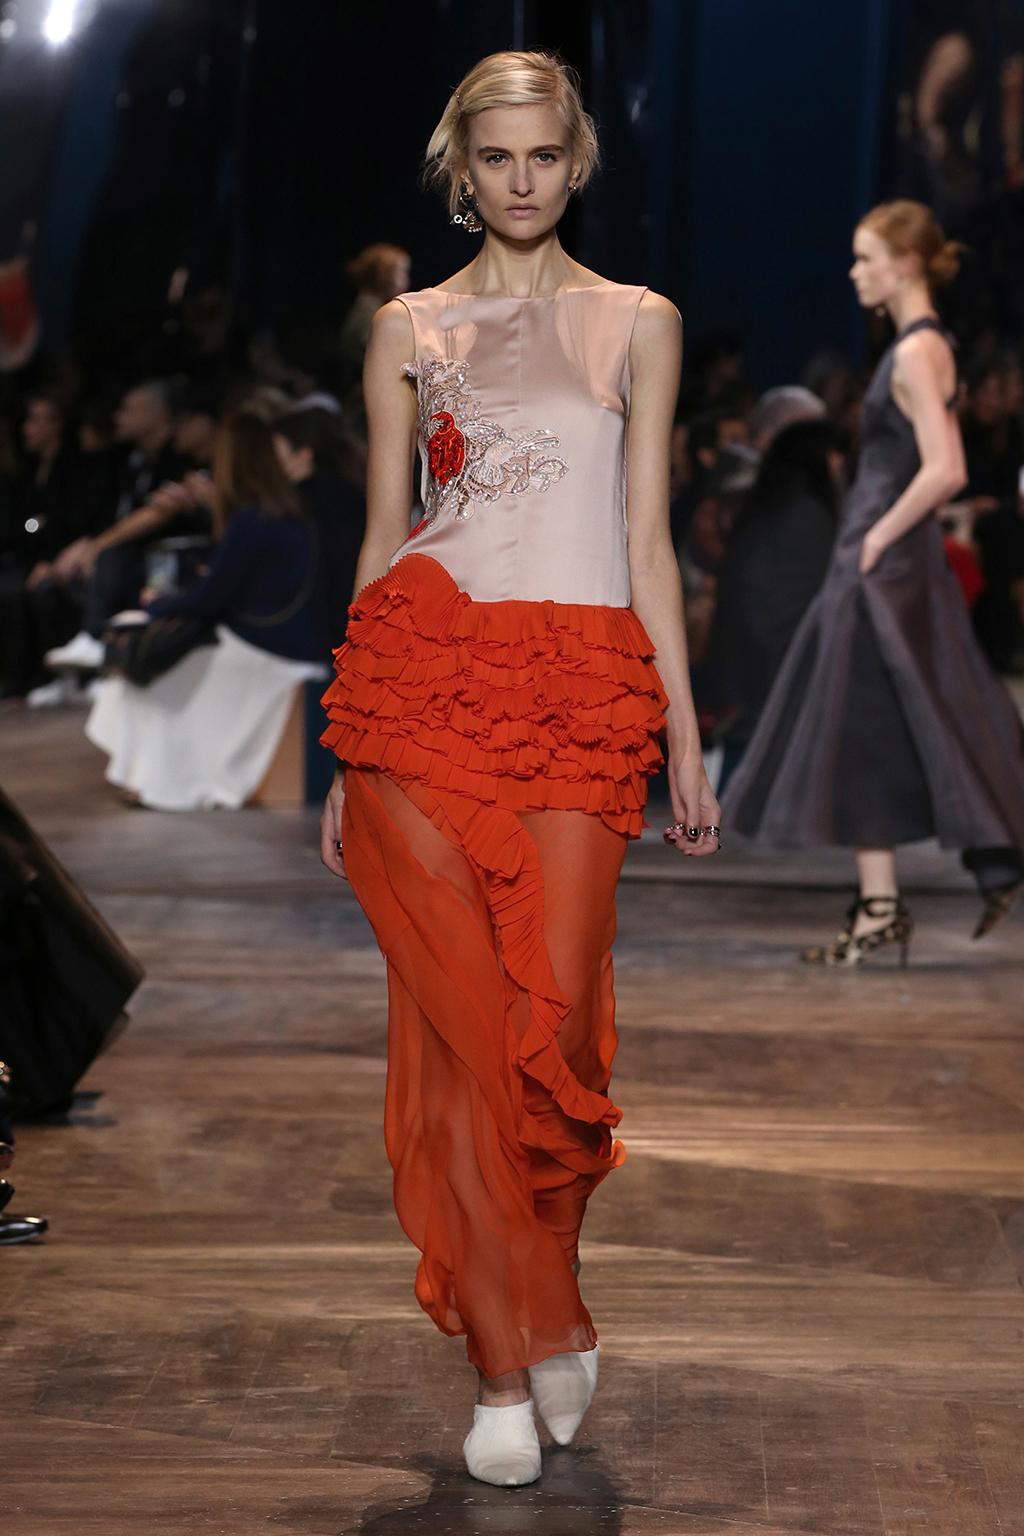 Dior-Couture-Silhouette-22